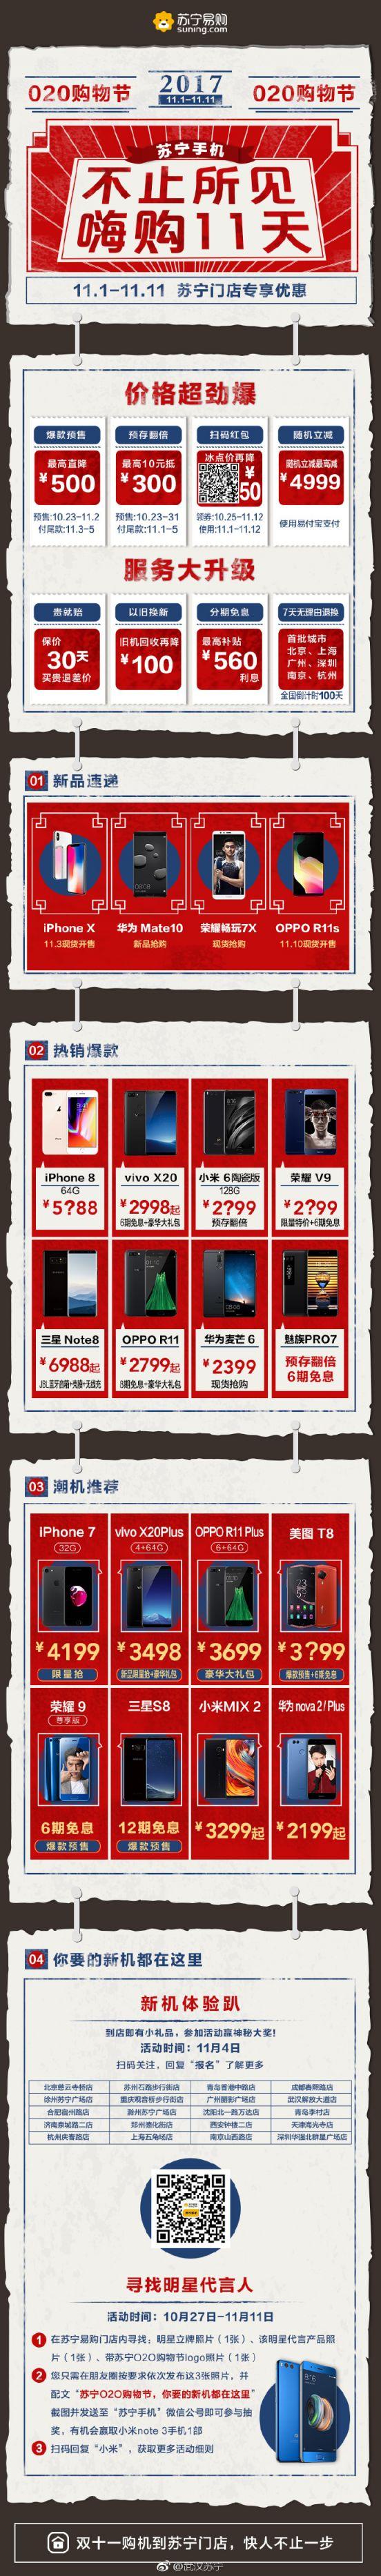 双十一哪些网站打折_苏宁门店2017双十一手机大促销活动表- 武汉本地宝